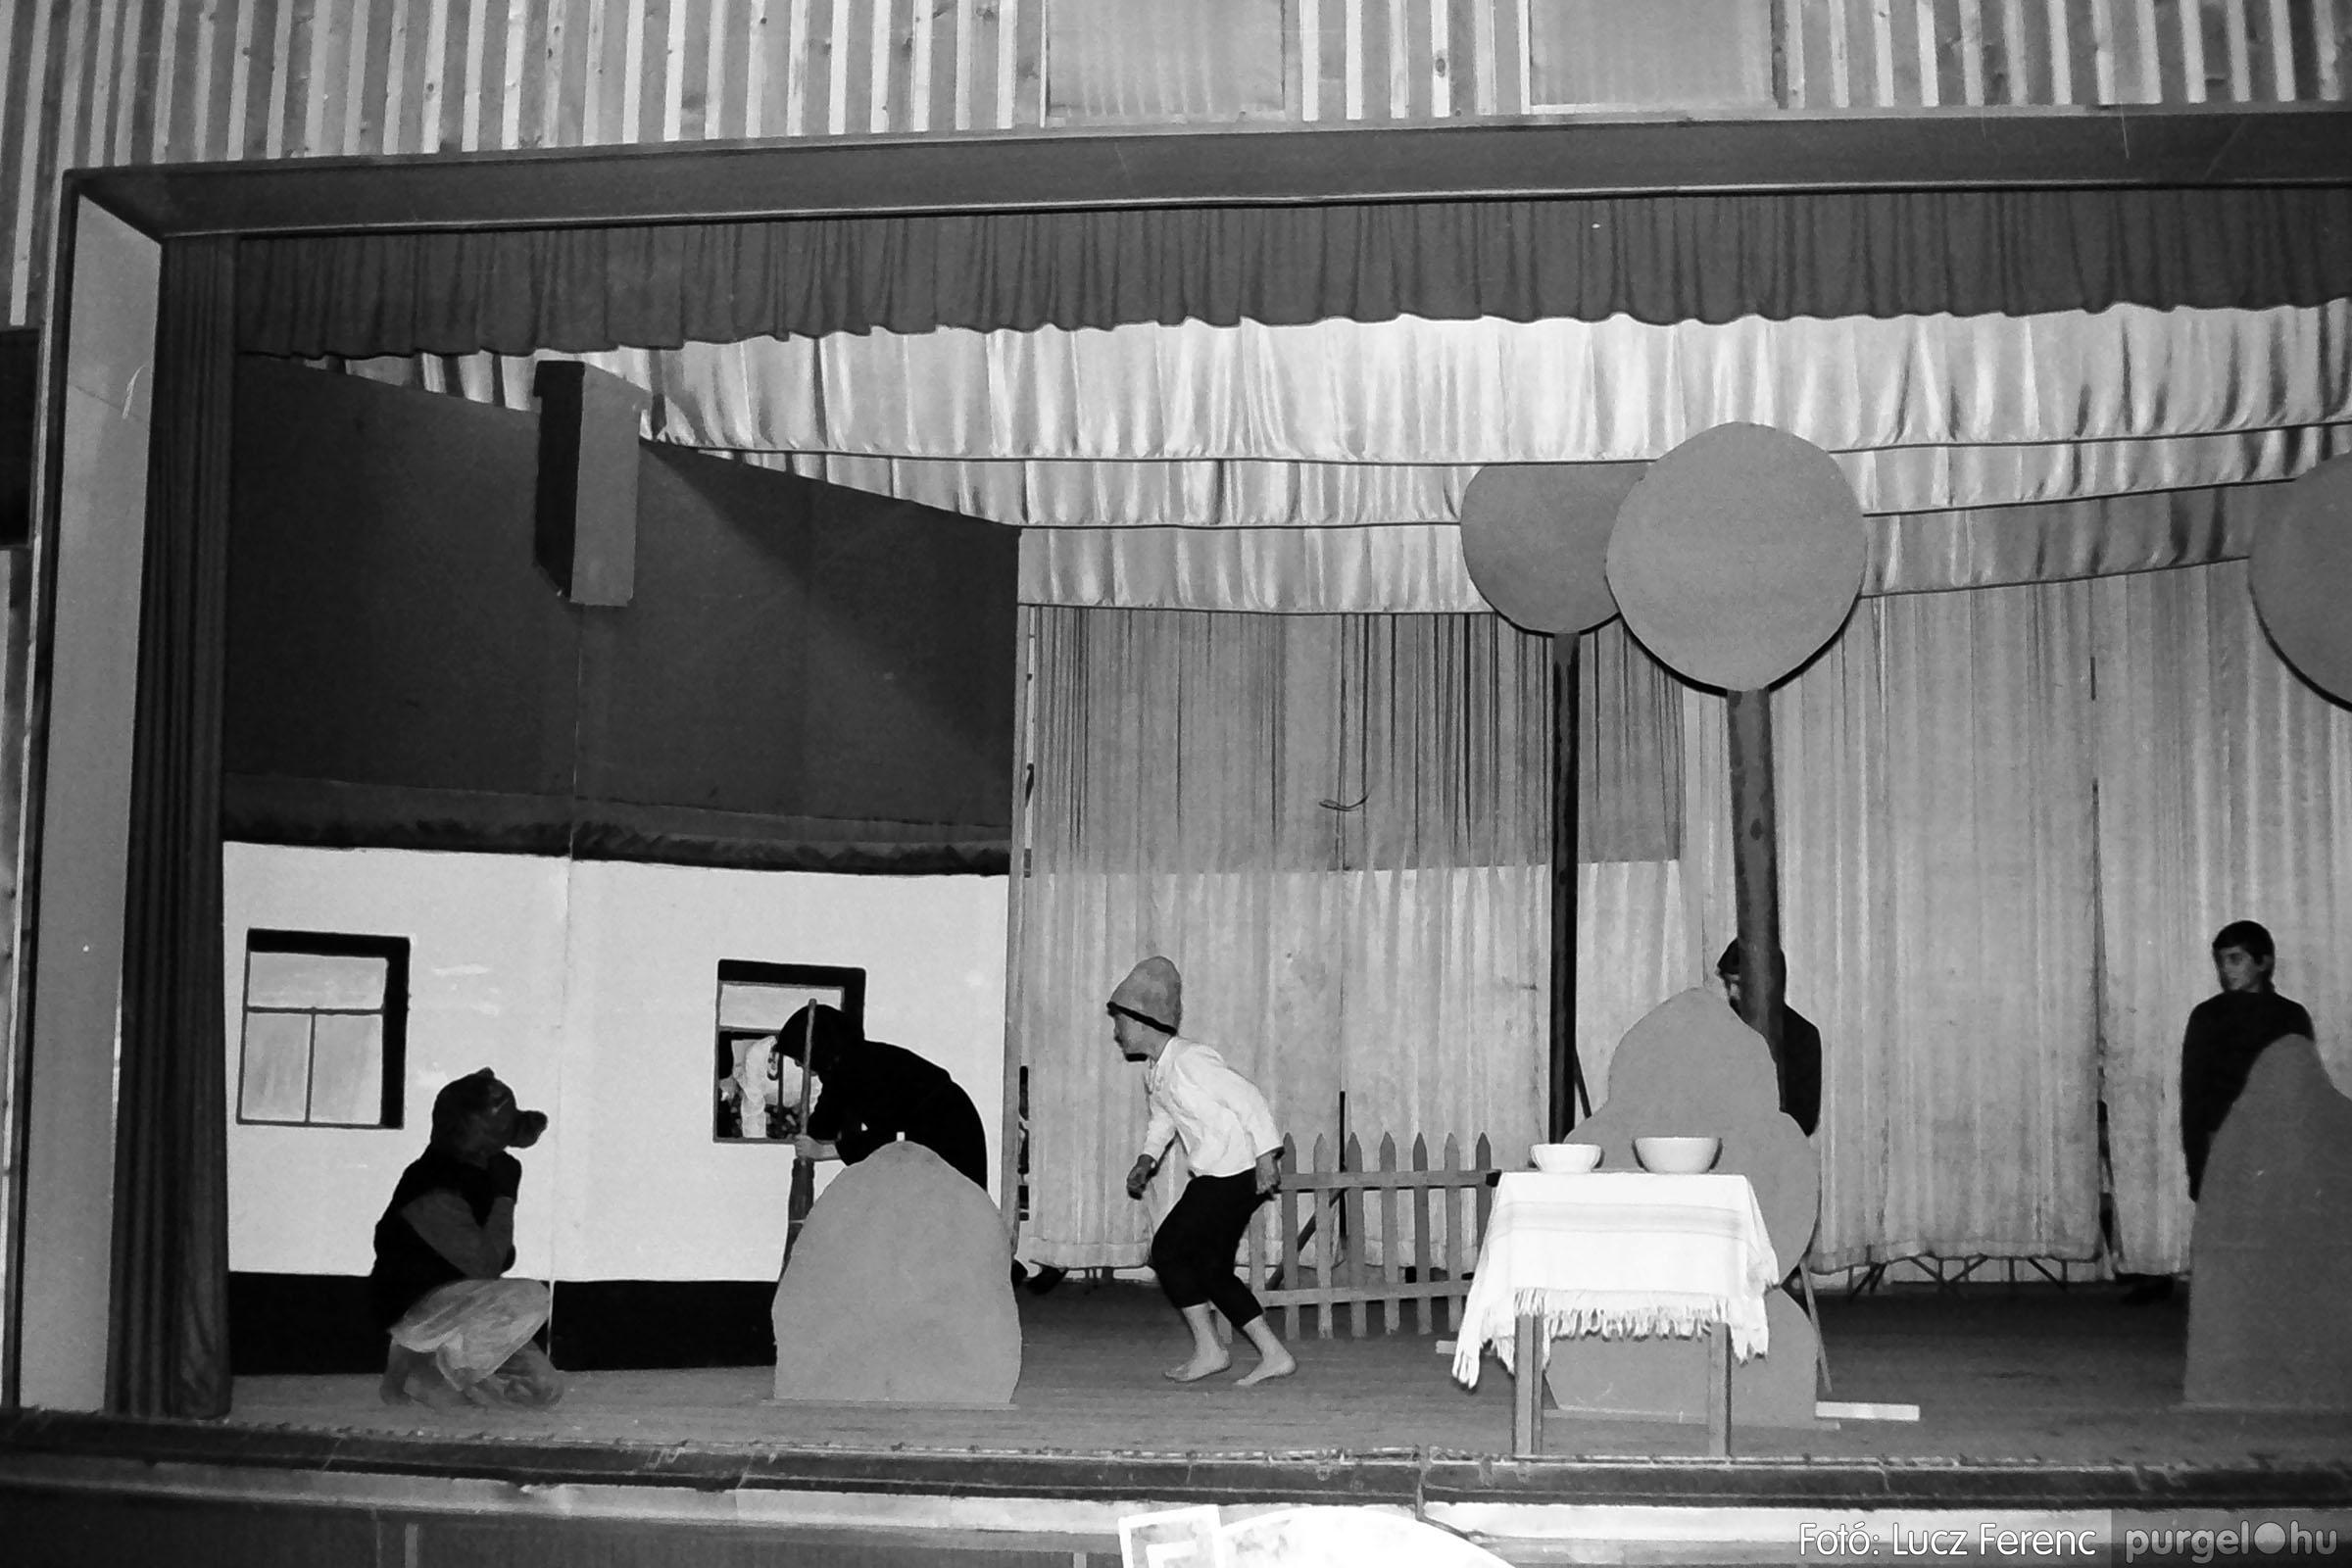 036-037. 1976. Diákprogram a kultúrházban 012 - Fotó: Lucz Ferenc.jpg